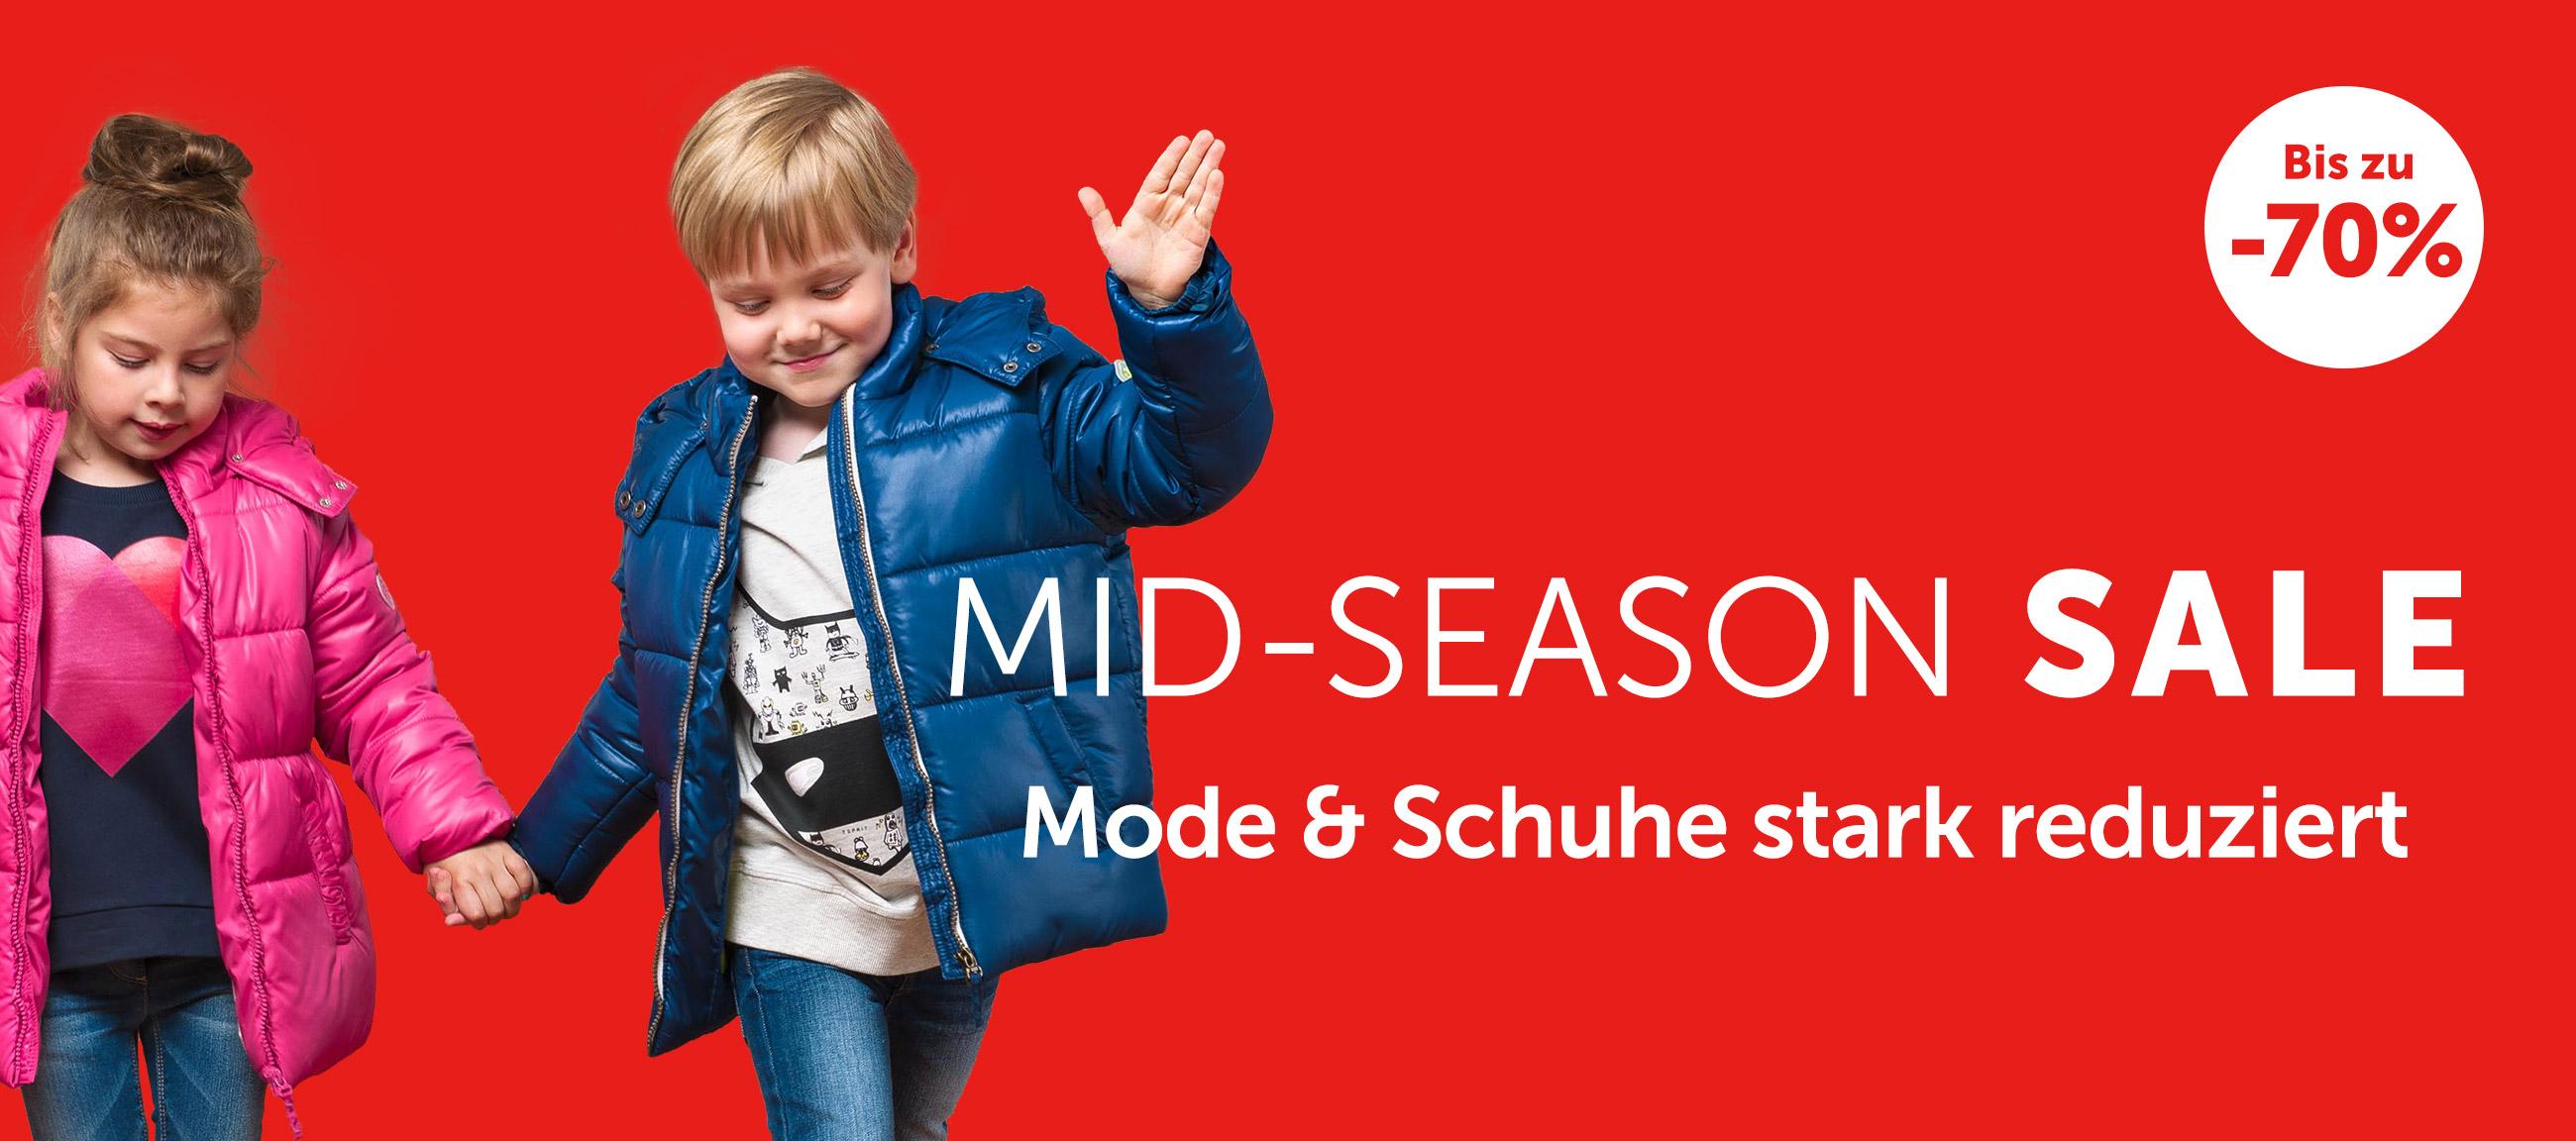 Mid Season Sale bei mytoys.de - bis zu 70% reduziert